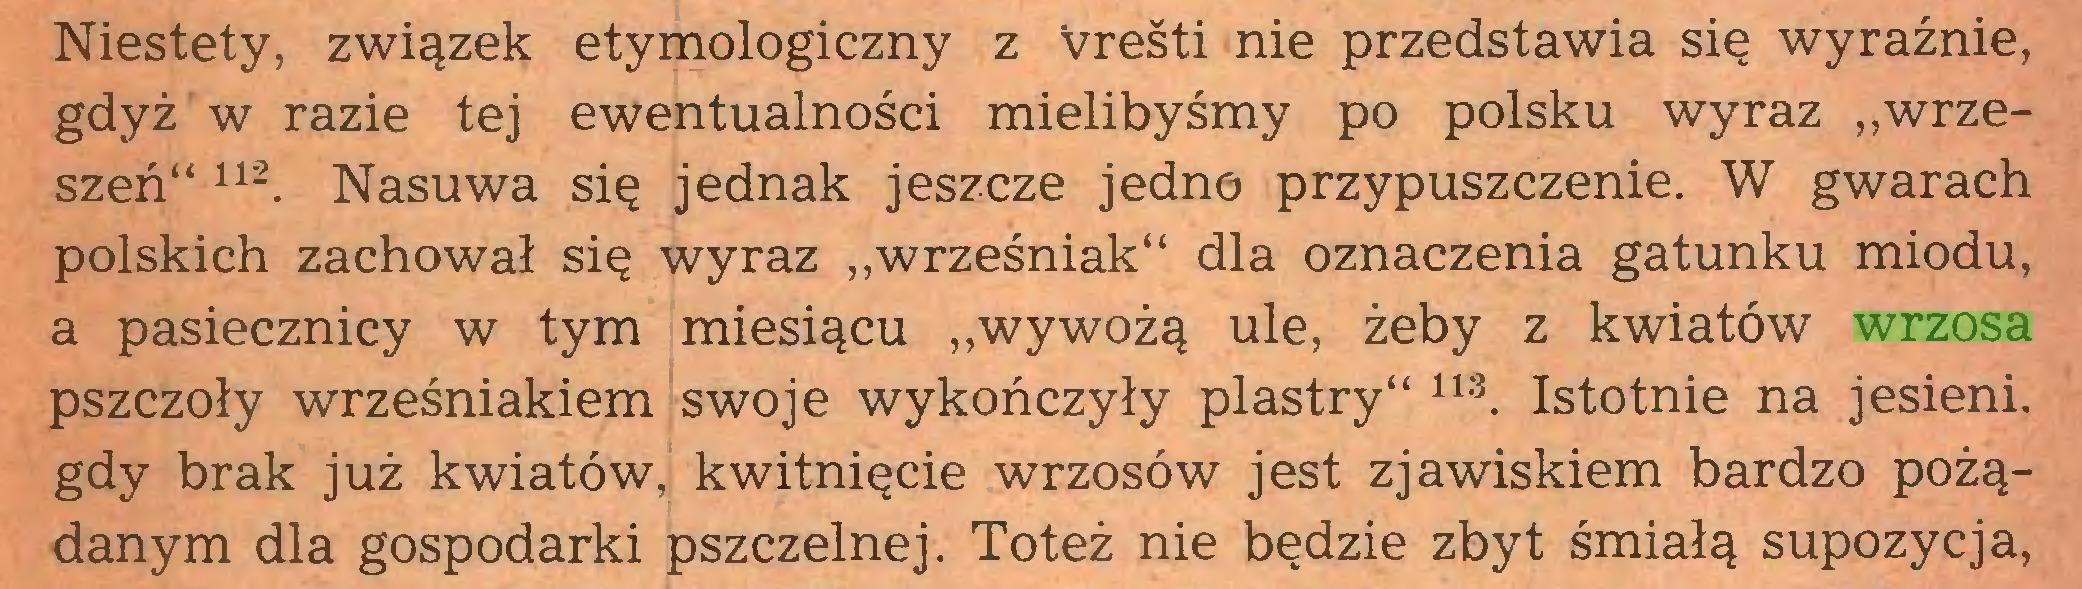 """(...) Niestety, związek etymologiczny z vreśti nie przedstawia się wyraźnie, gdyż w razie tej ewentualności mielibyśmy po polsku wyraz """"wrzeszeń"""" 112. Nasuwa się jednak jeszcze jedno przypuszczenie. W gwarach polskich zachował się wyraz ,,wrześniak"""" dla oznaczenia gatunku miodu, a pasiecznicy w tym miesiącu """"wywożą ule, żeby z kwiatów wrzosa pszczoły wrześniakiem swoje wykończyły plastry"""" m. Istotnie na jesieni, gdy brak już kwiatów, kwitnięcie wrzosów jest zjawiskiem bardzo pożądanym dla gospodarki pszczelnej. Toteż nie będzie zbyt śmiałą supozycja,..."""